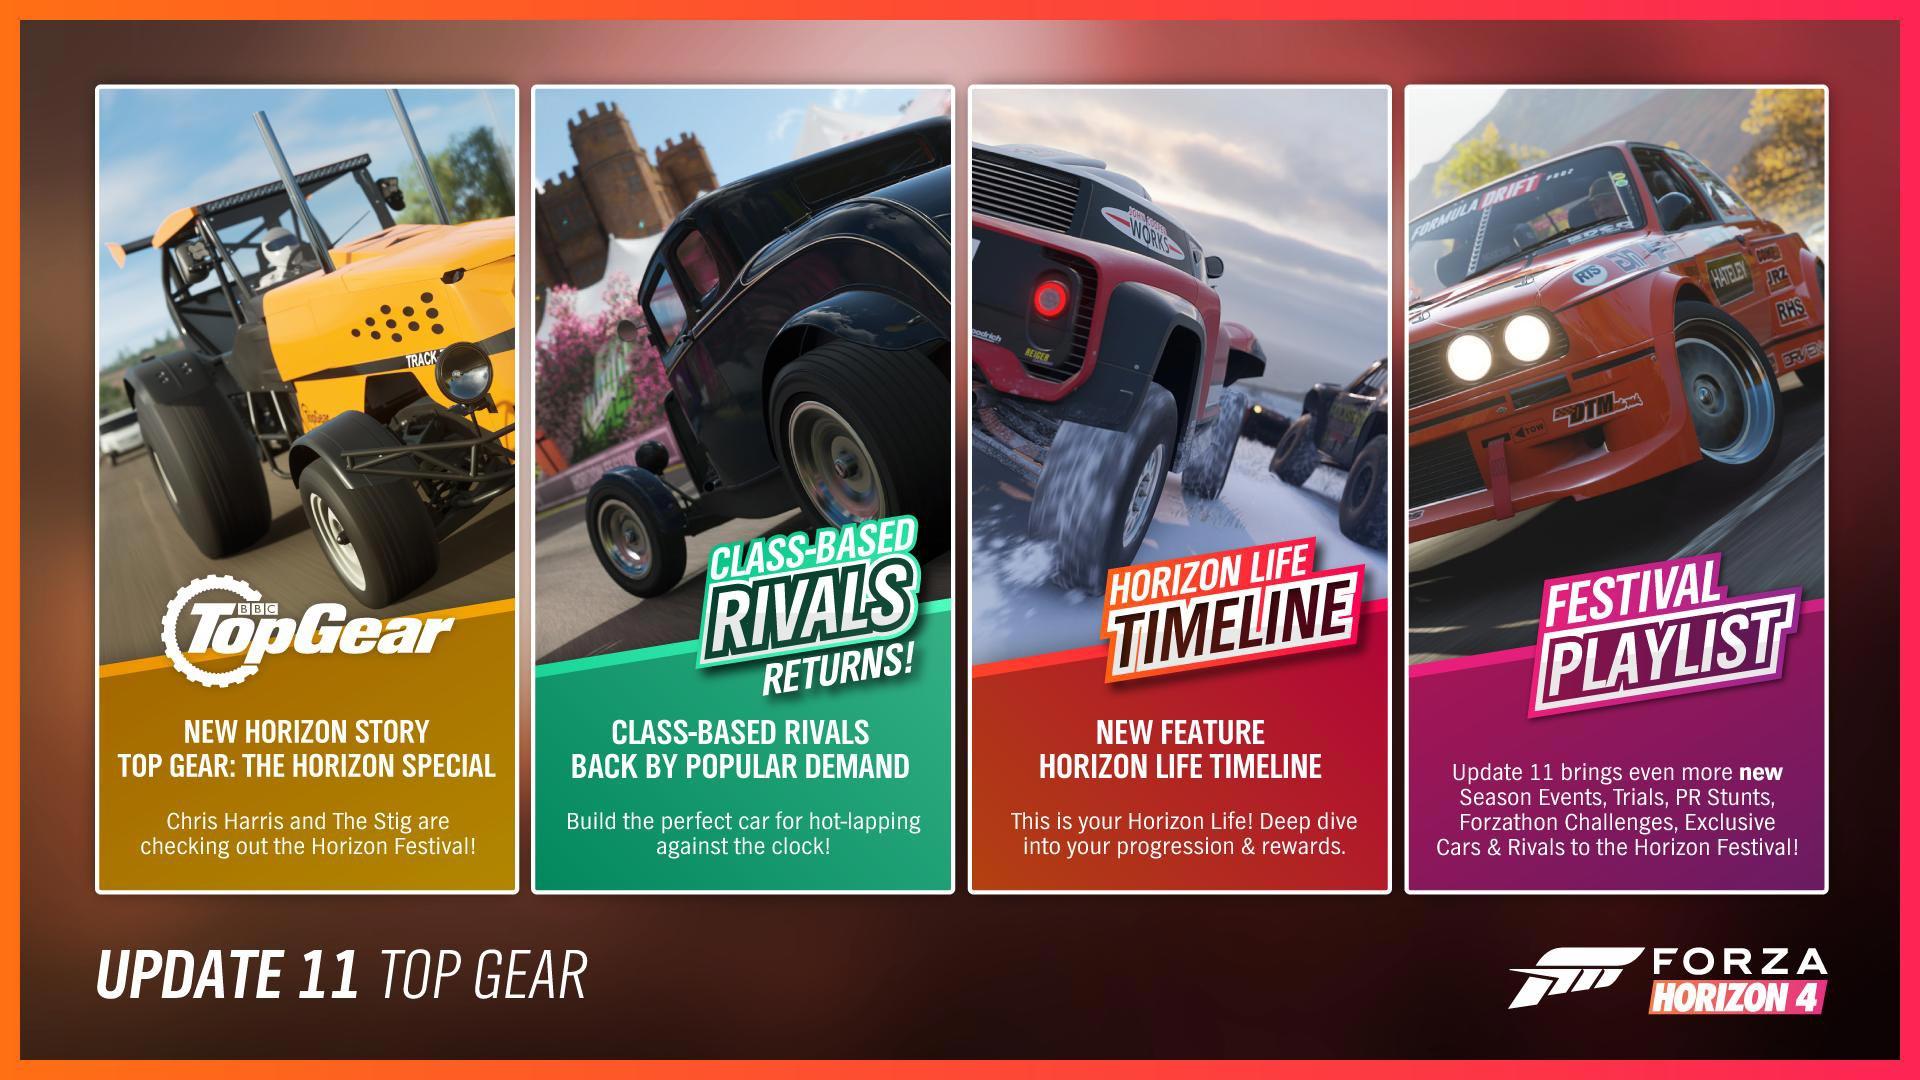 Forza Horizon 4 Series 11 Update July 2019